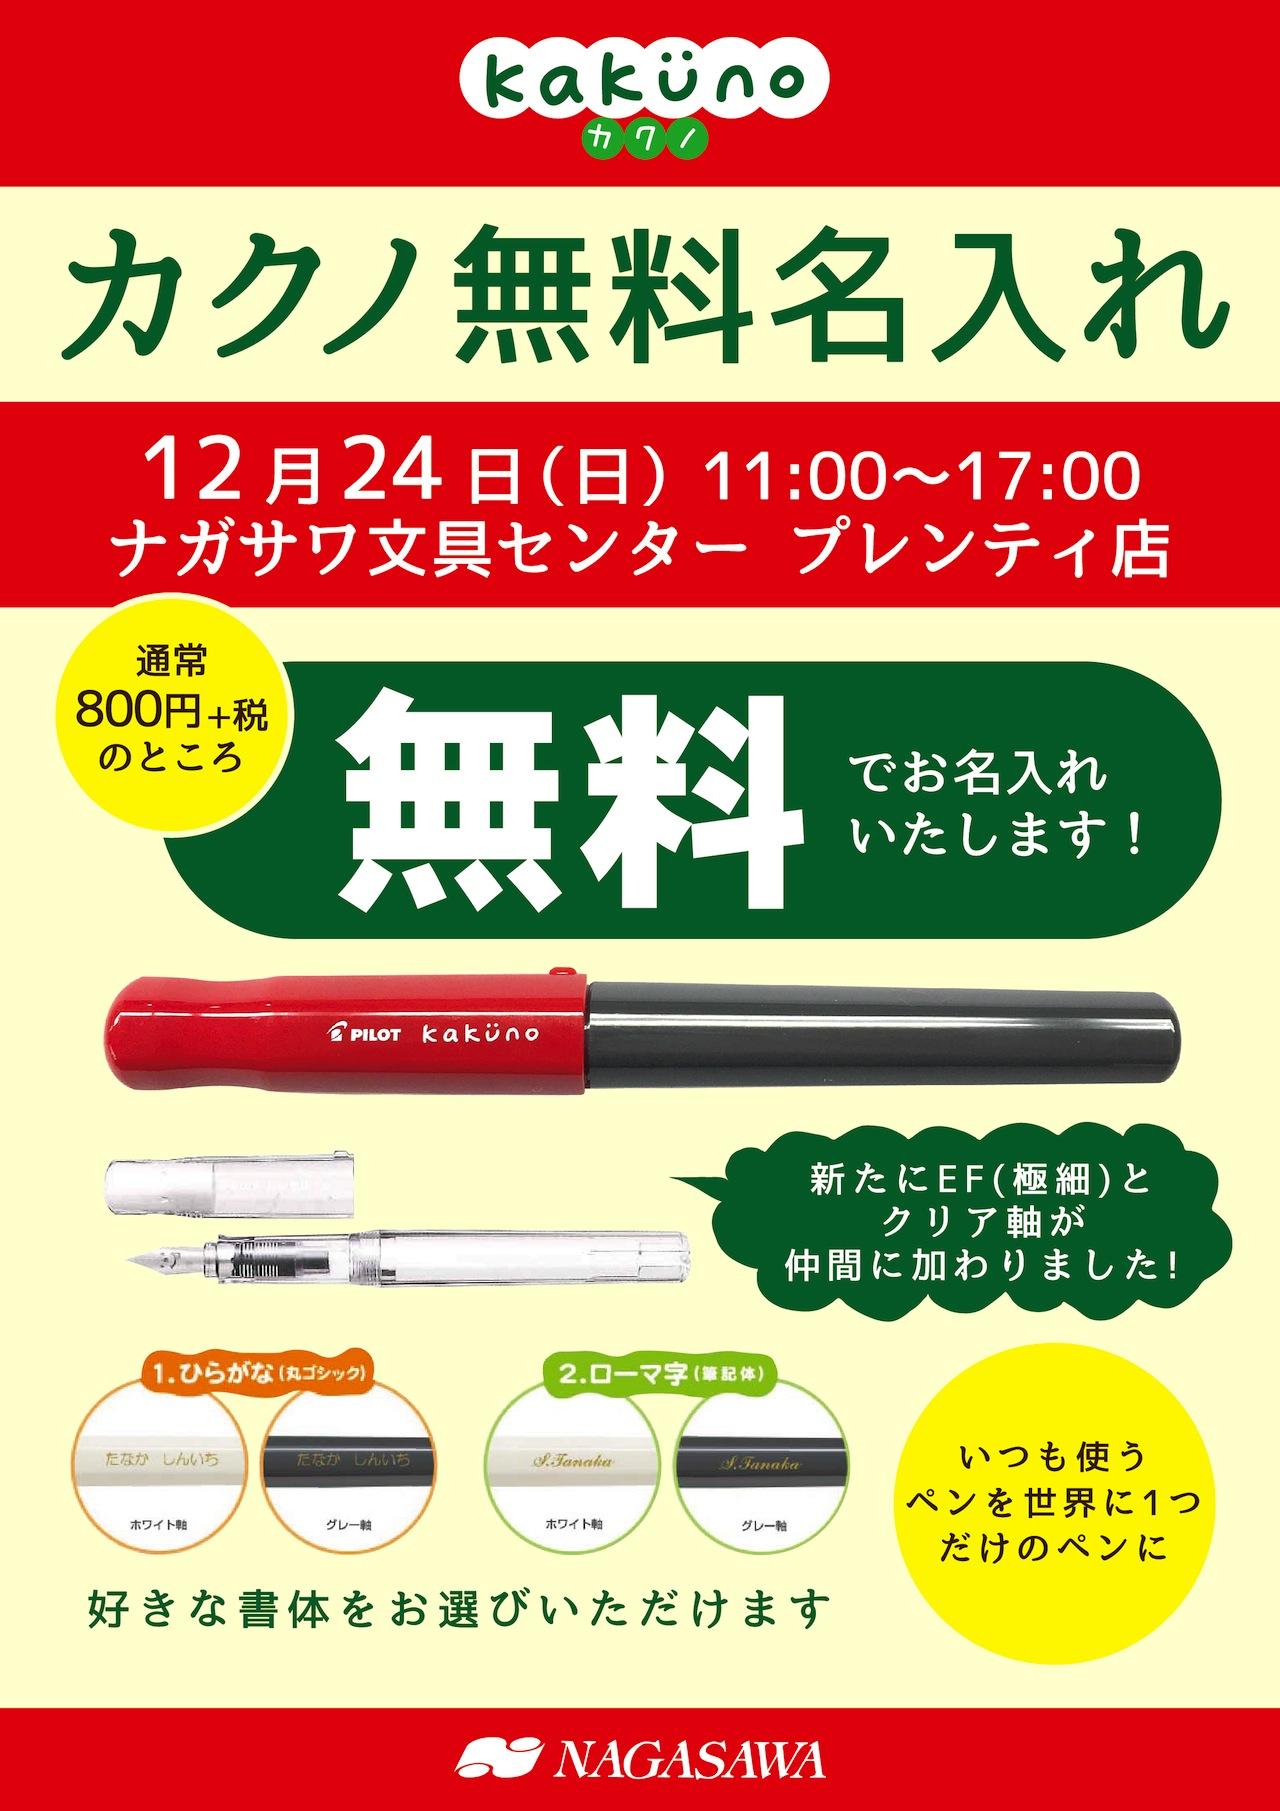 イベント 書くのが楽しくなる万年筆『PILOT kakuno(カクノ)』に無料でお名前お入れします! @ 西神中央プレンティ